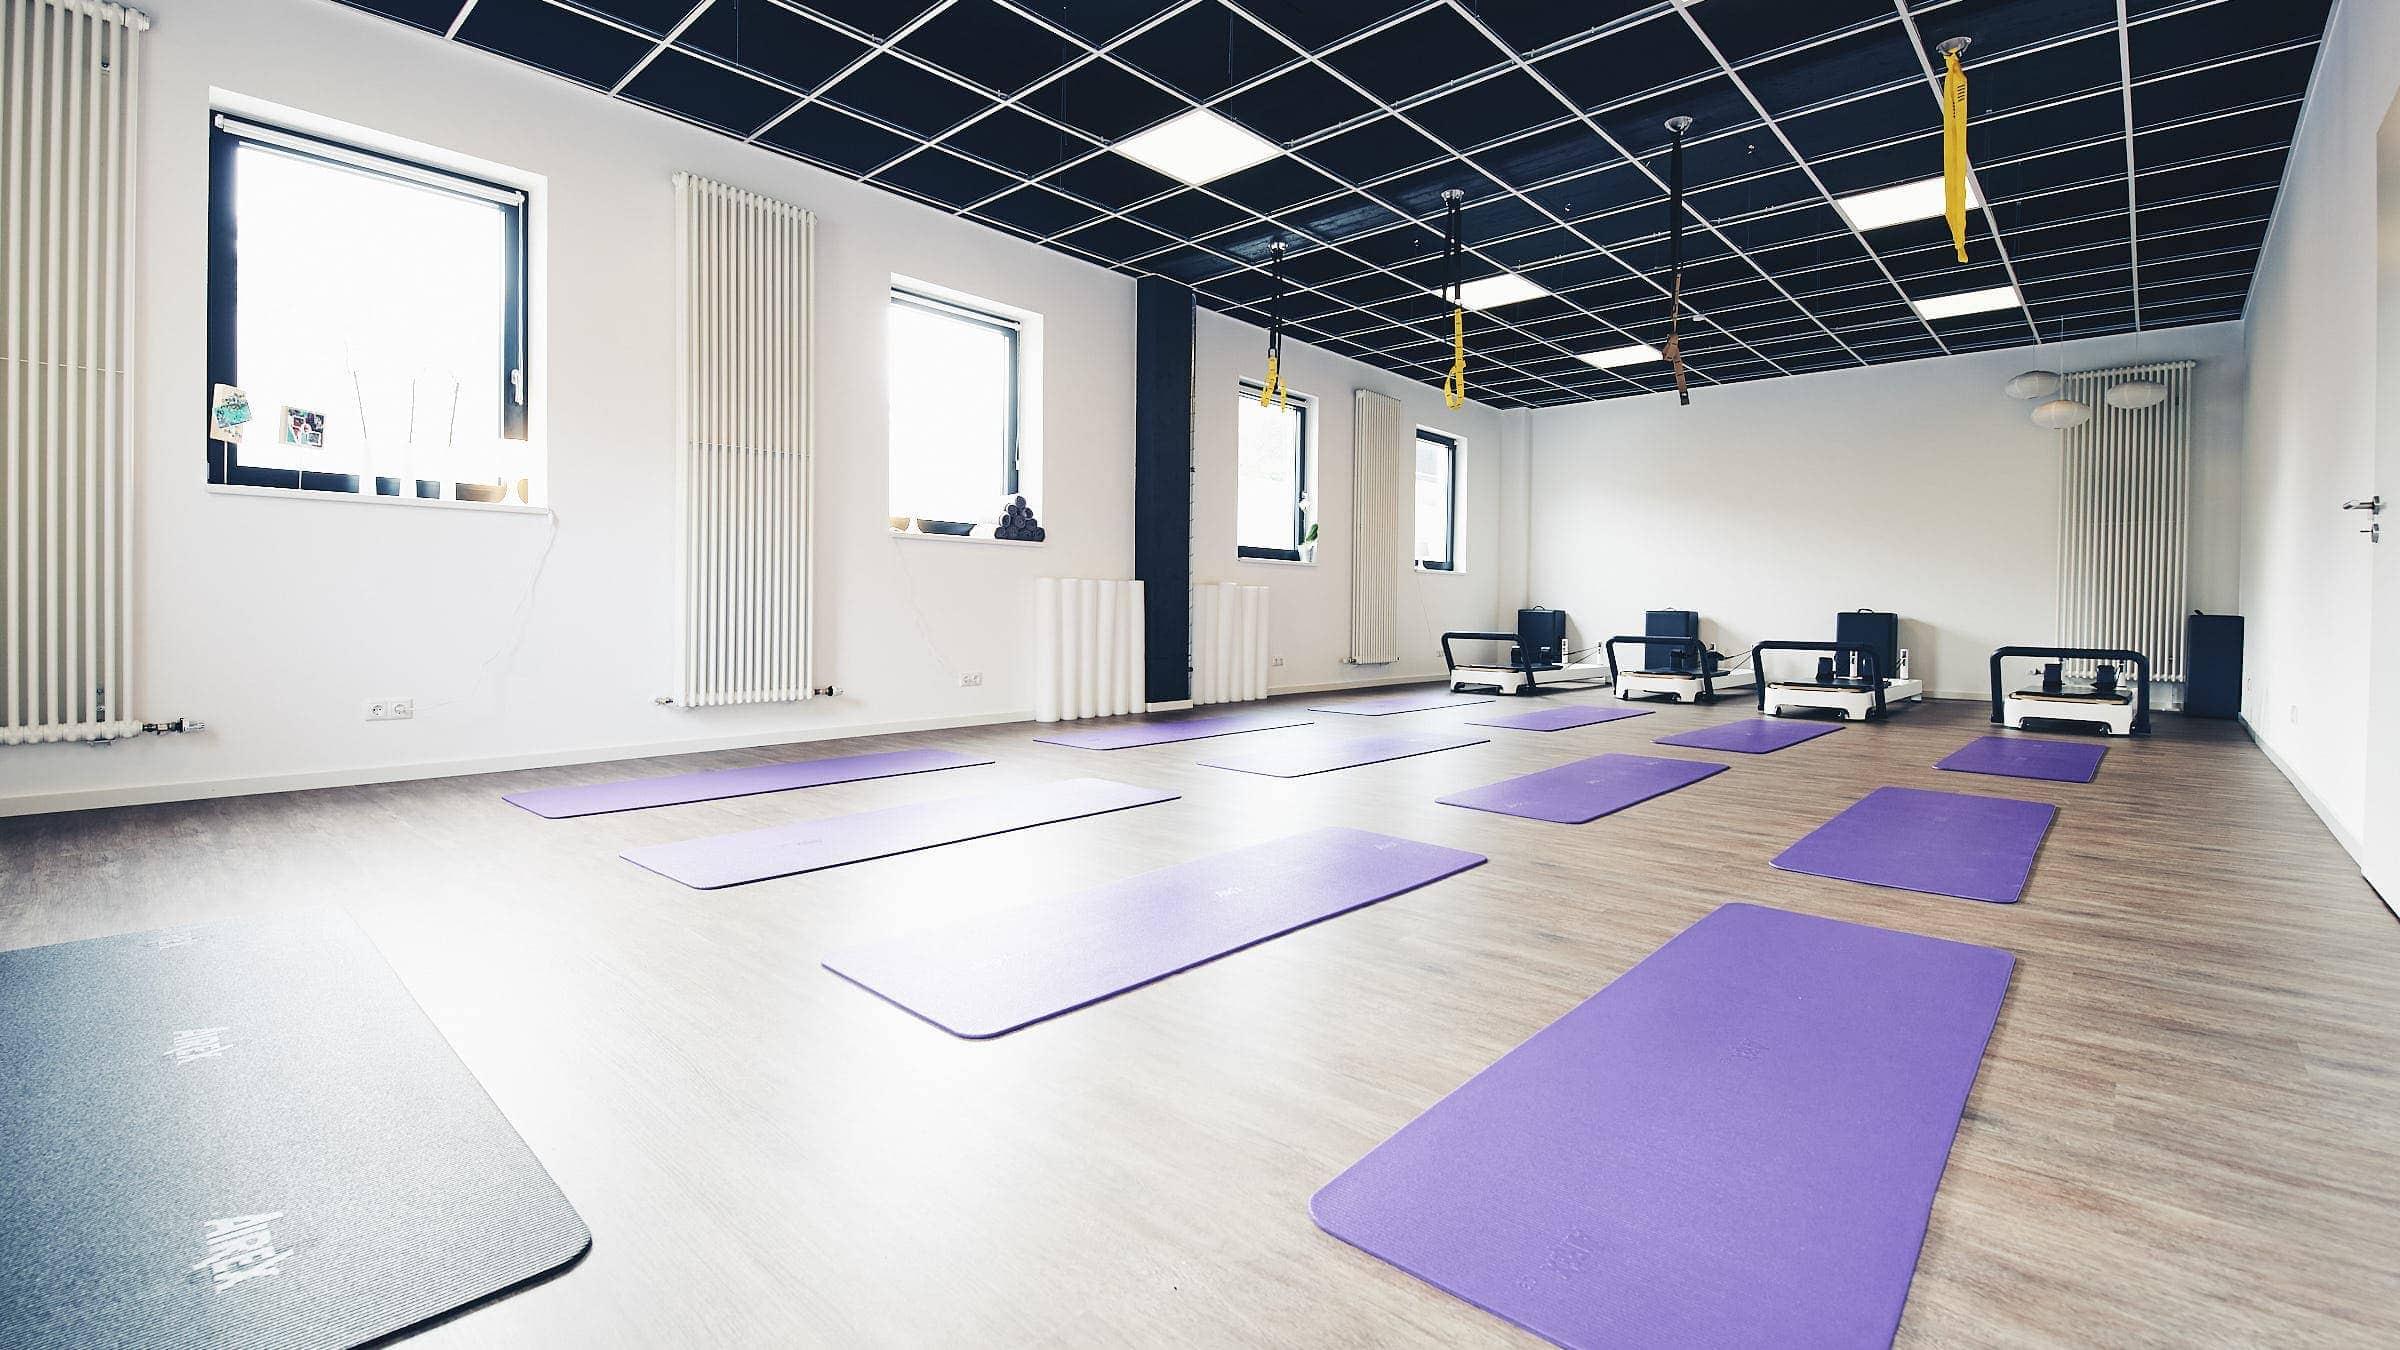 Interieur-Fotografie eines Pilates Studio in Trier von Kliewer Fotografie